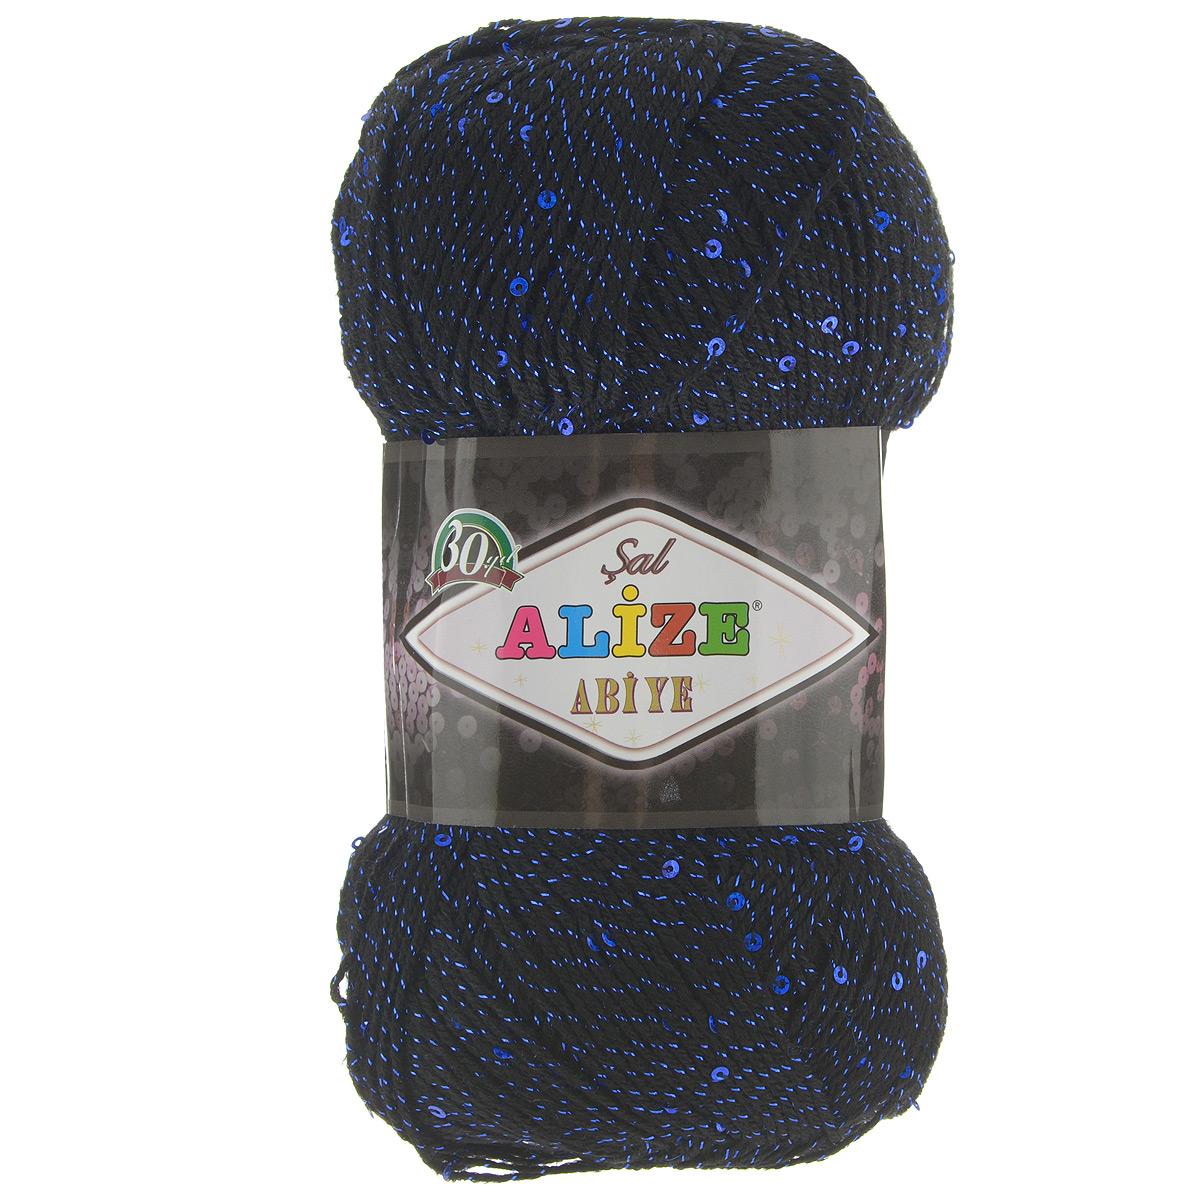 Пряжа для вязания Alize Sal Abiye, цвет: черный, синий (60-14), 410 м, 100 г, 5 шт372113_60-14Пряжа Alize Sal Abiye - это фантазийная акриловая пряжа с добавлением в тон нити пайеток и металлика. Такая нарядная пряжа подходит для вязания элегантных вечерних нарядов, сумочек, кошельков, украшений и пр. Рекомендованные спицы 2-4 мм и крючок для вязания 1-4 мм. Комплектация: 5 мотков. Состав: 80% акрил, 10% полиэстер, 5% пайетки, 5% металлизированная нить.